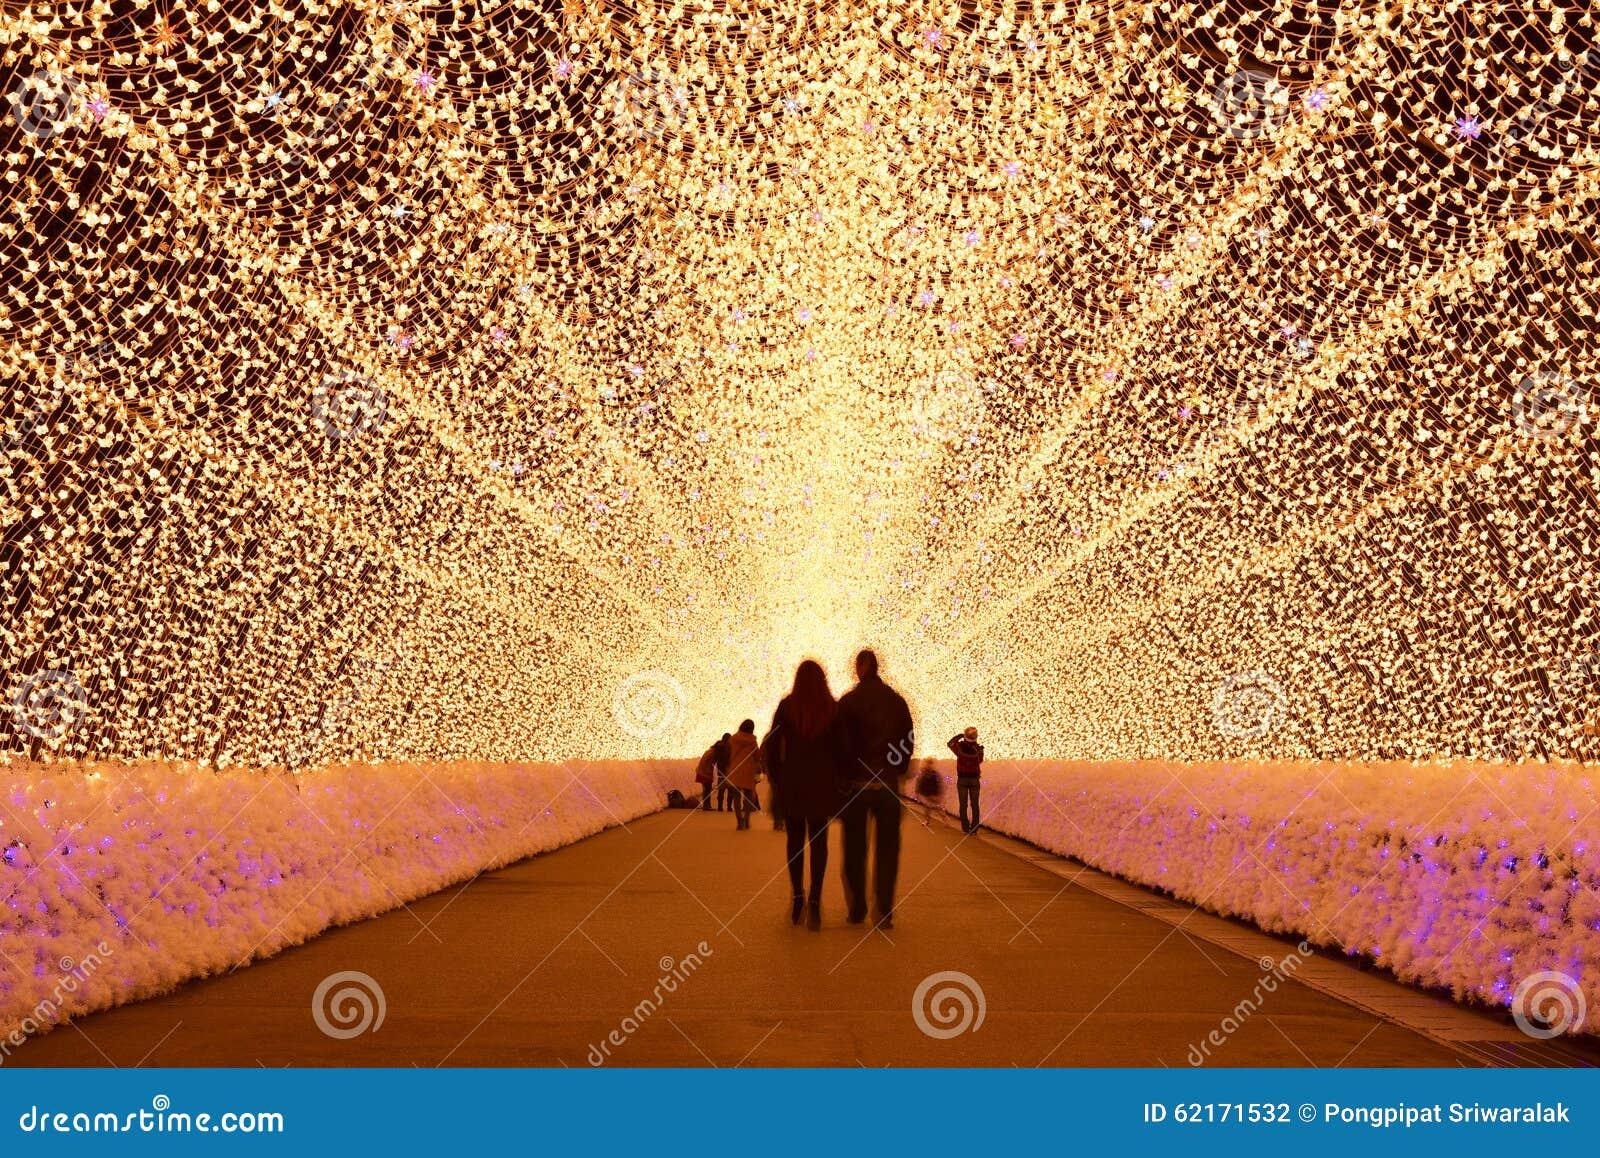 Túnel ligero en la iluminación del invierno, Mie, Japón